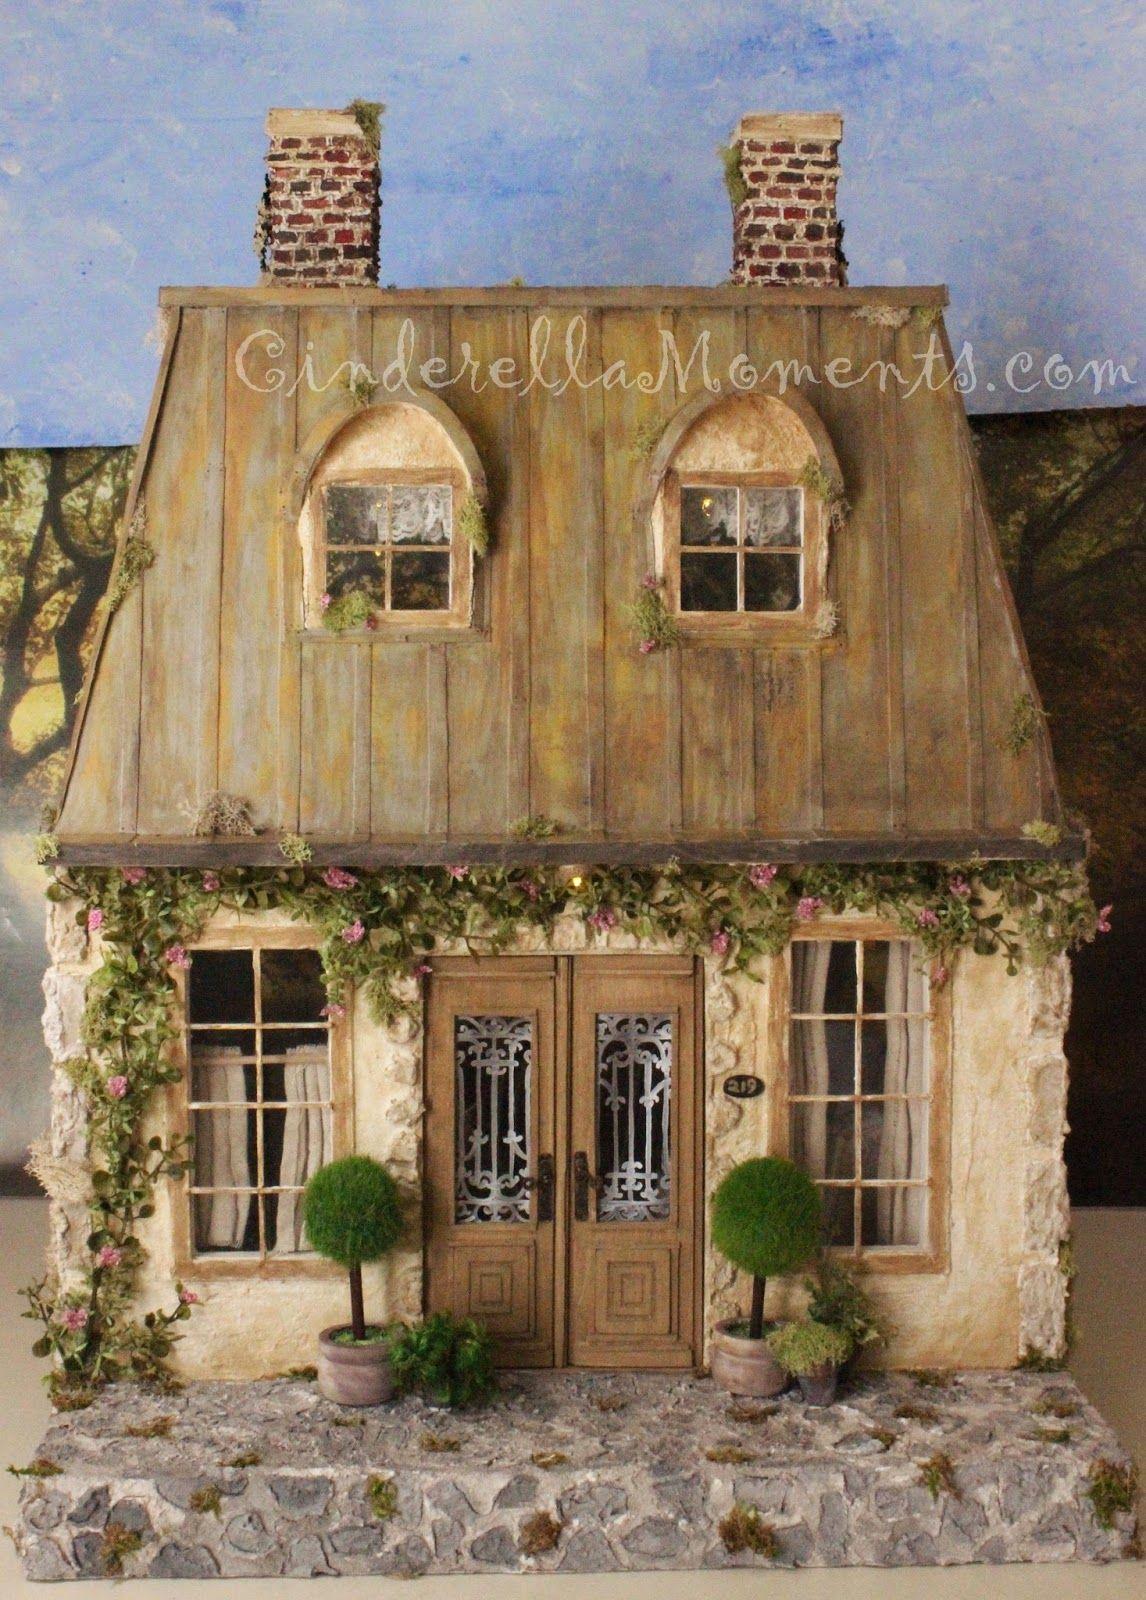 Cinderella moments la maison de campagne custom dollhouse for Pinterest maison de campagne